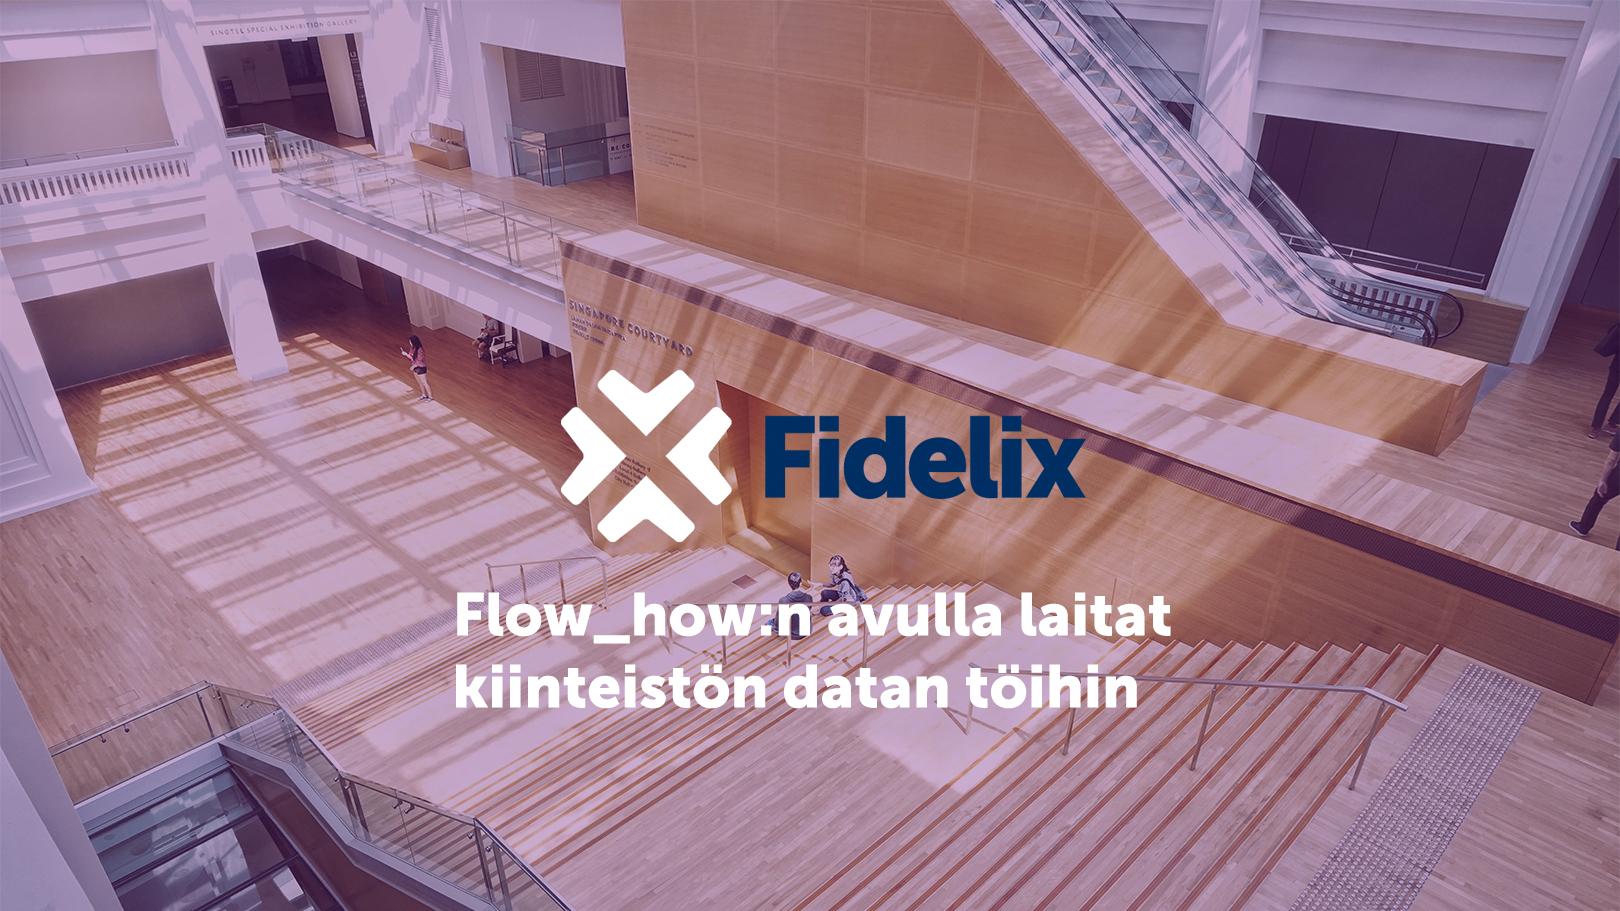 Flow_how:n avulla kiinteistön datankeruusta oikeisiin toimenpiteisiin